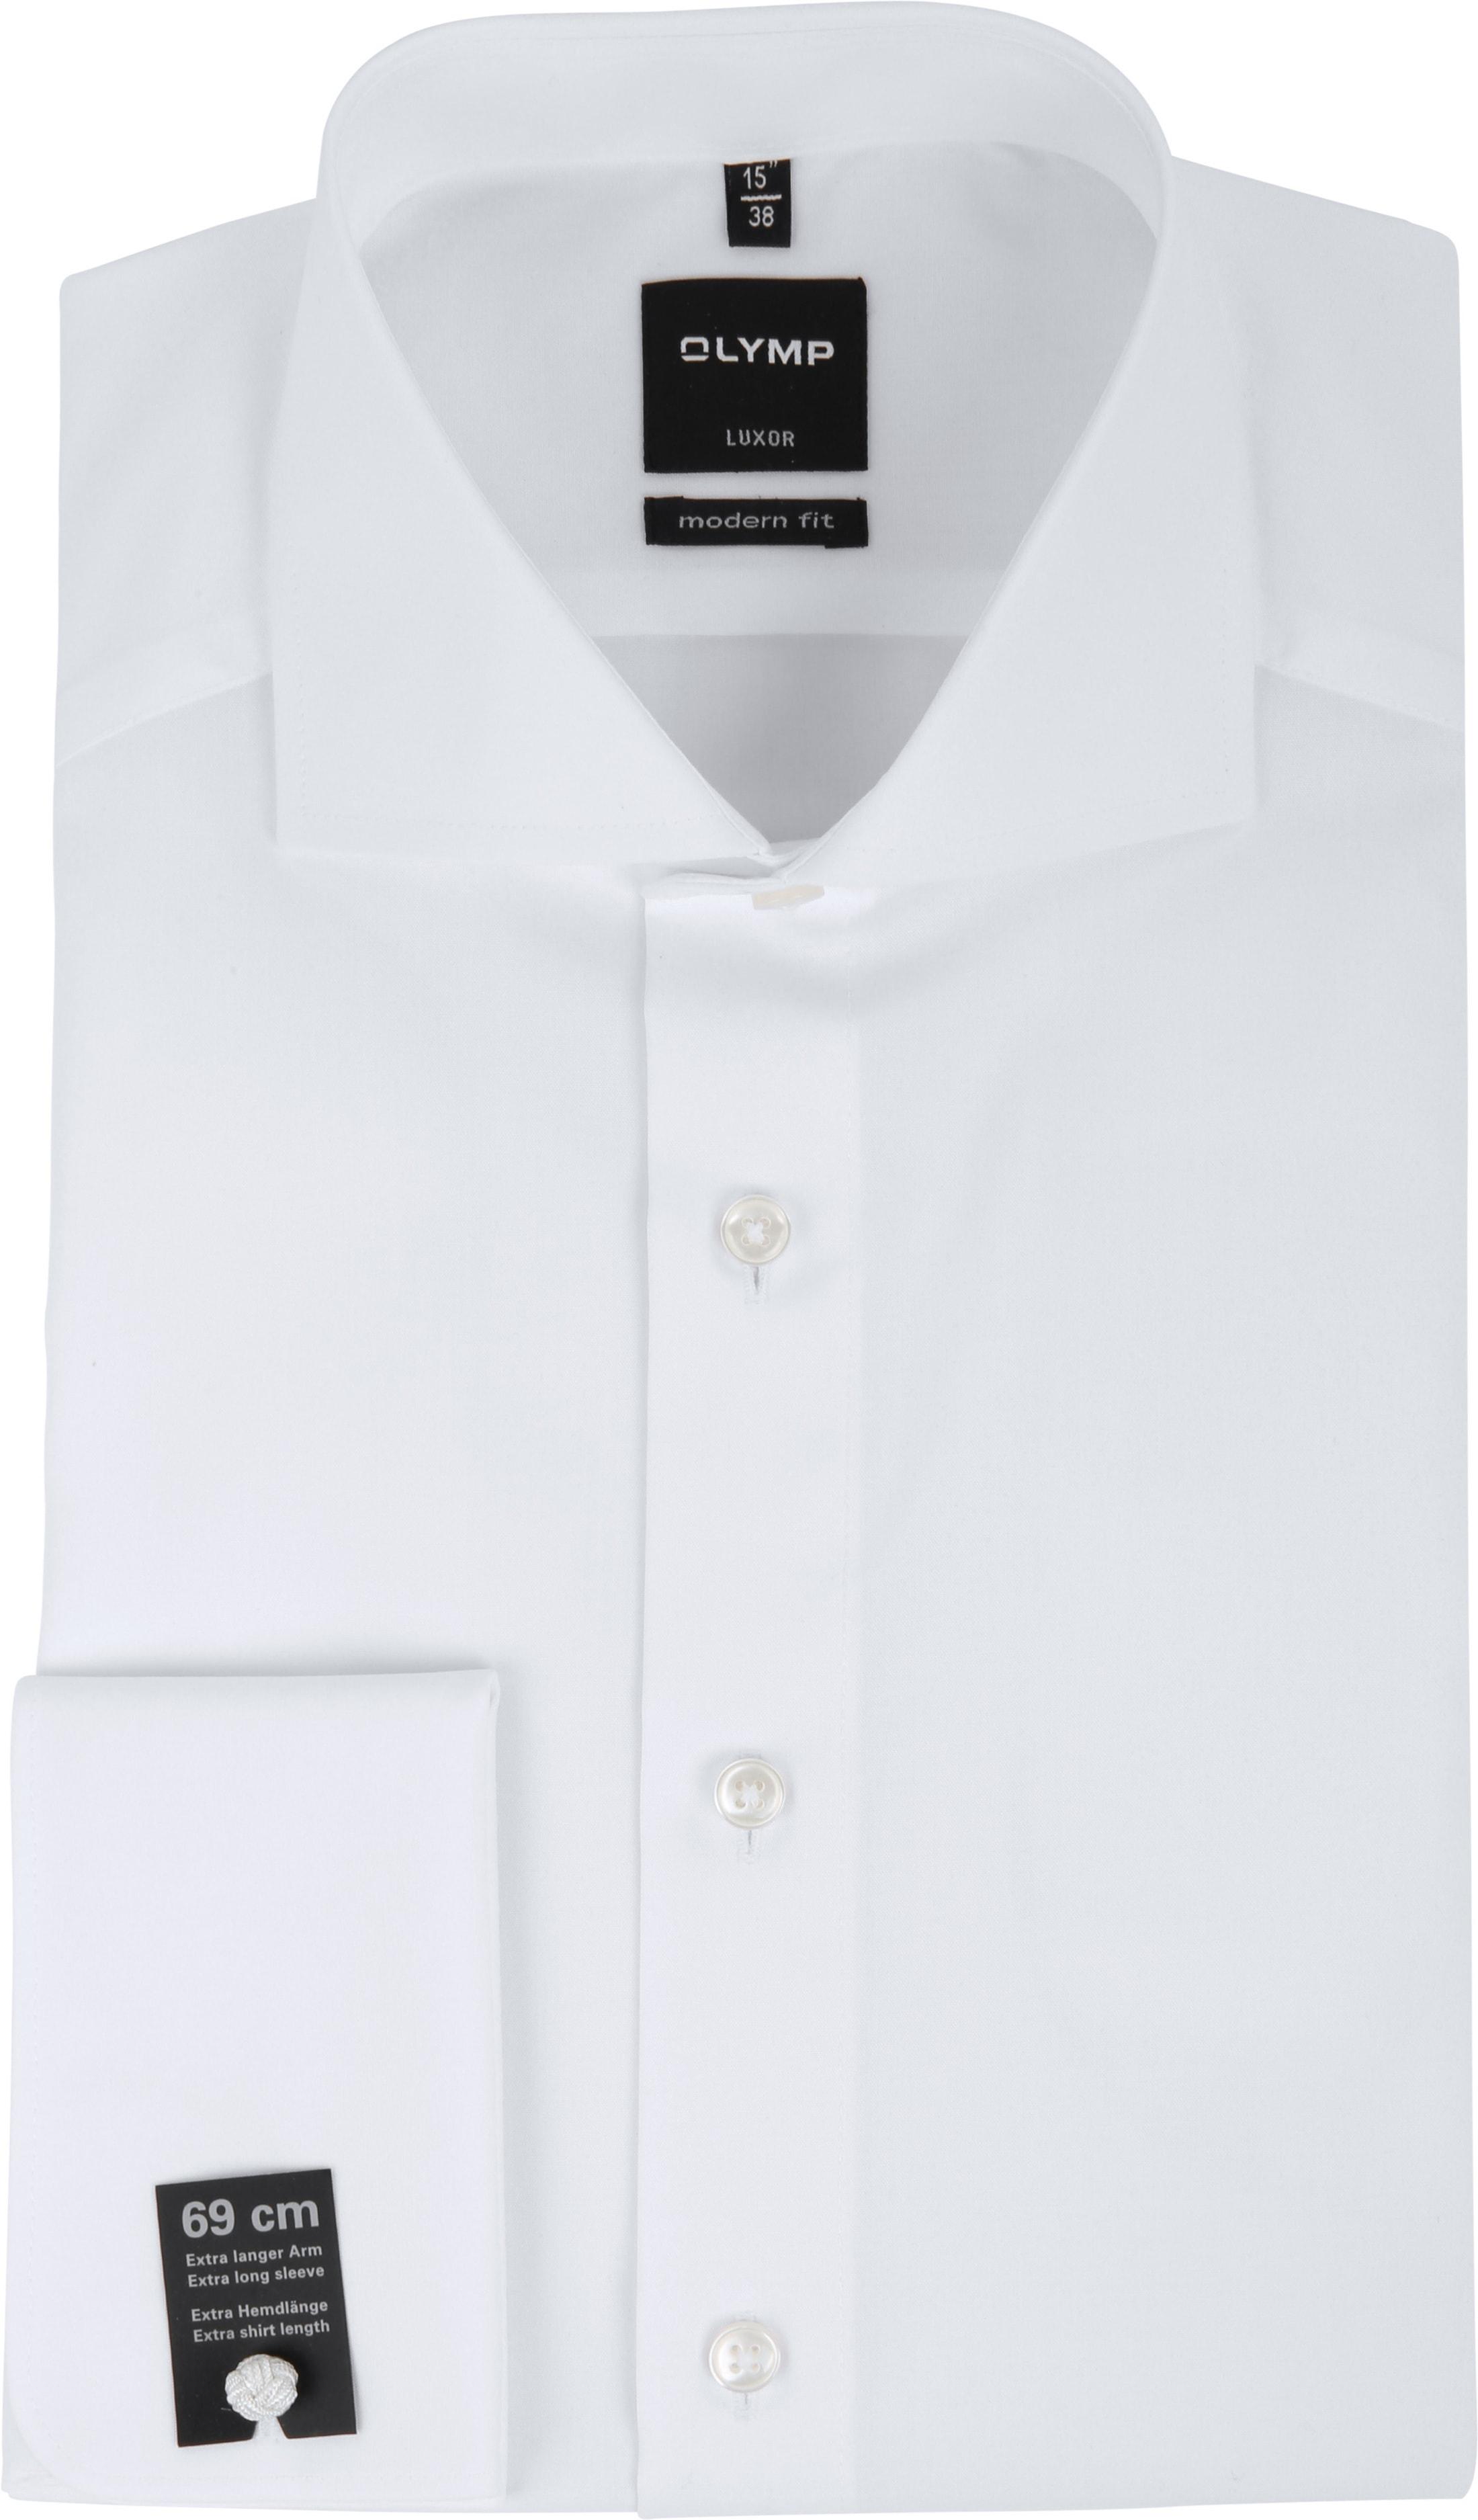 OLYMP Luxor Hemd SL7 Modern Fit Doppelmanschette Weiß foto 0